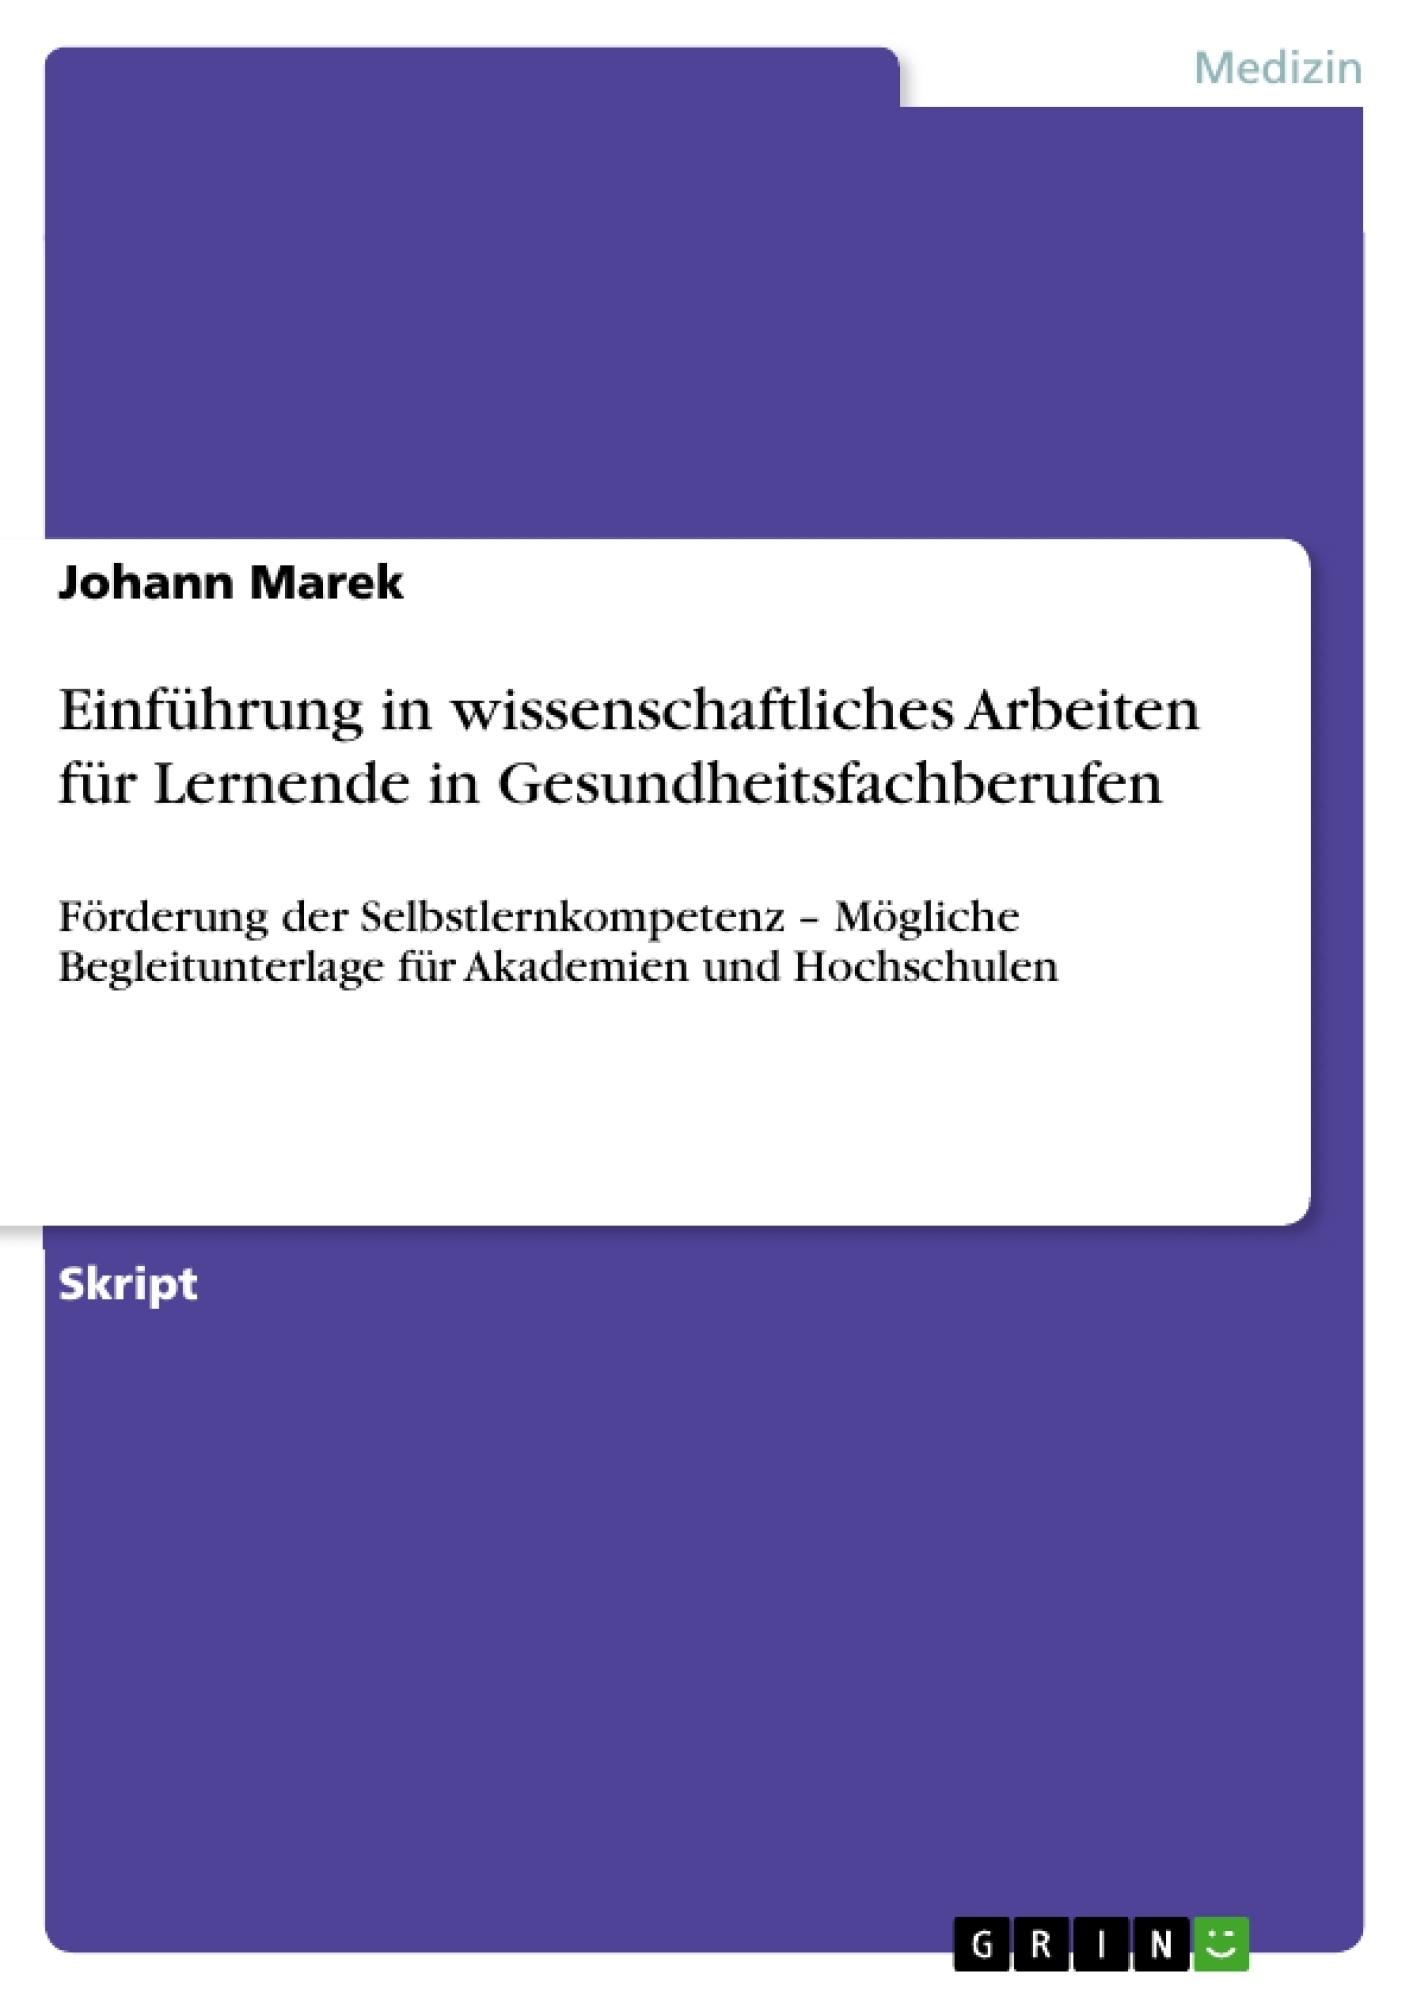 Titel: Einführung in wissenschaftliches Arbeiten  für Lernende in Gesundheitsfachberufen